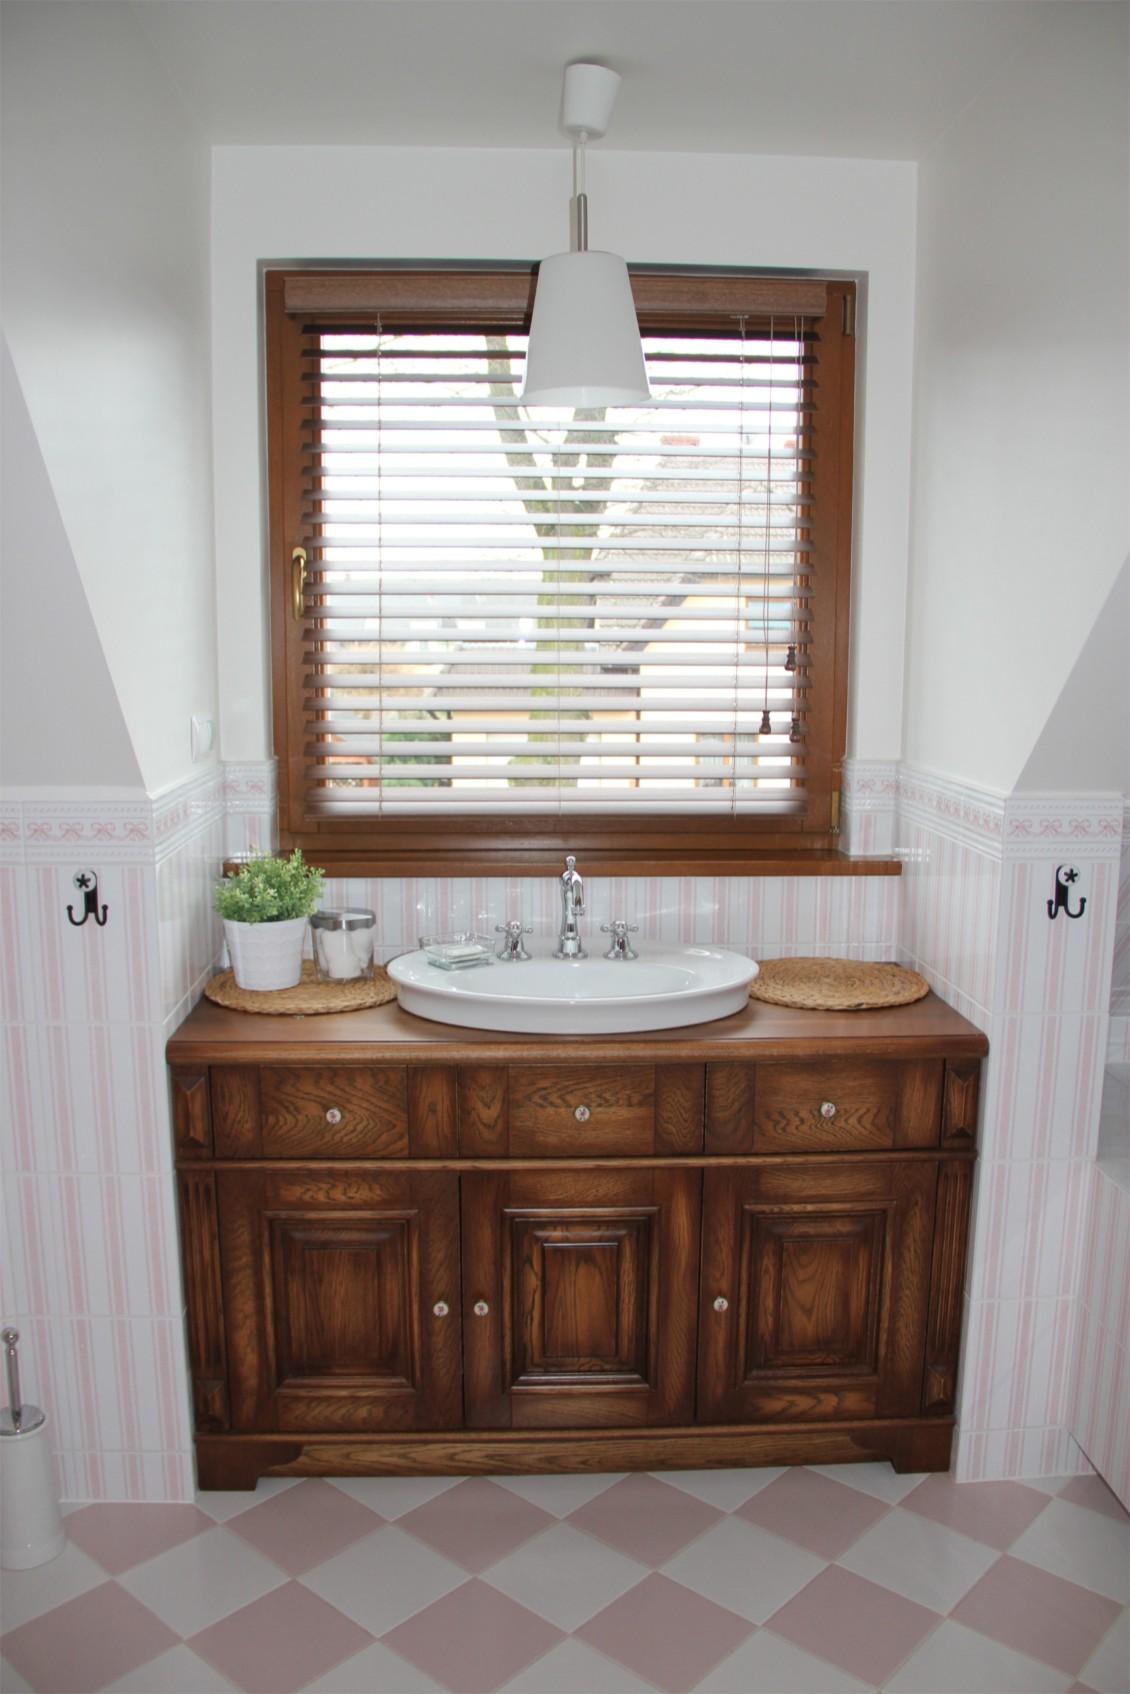 Projektowanie wnętrz Szczecin - wystrój łazienki